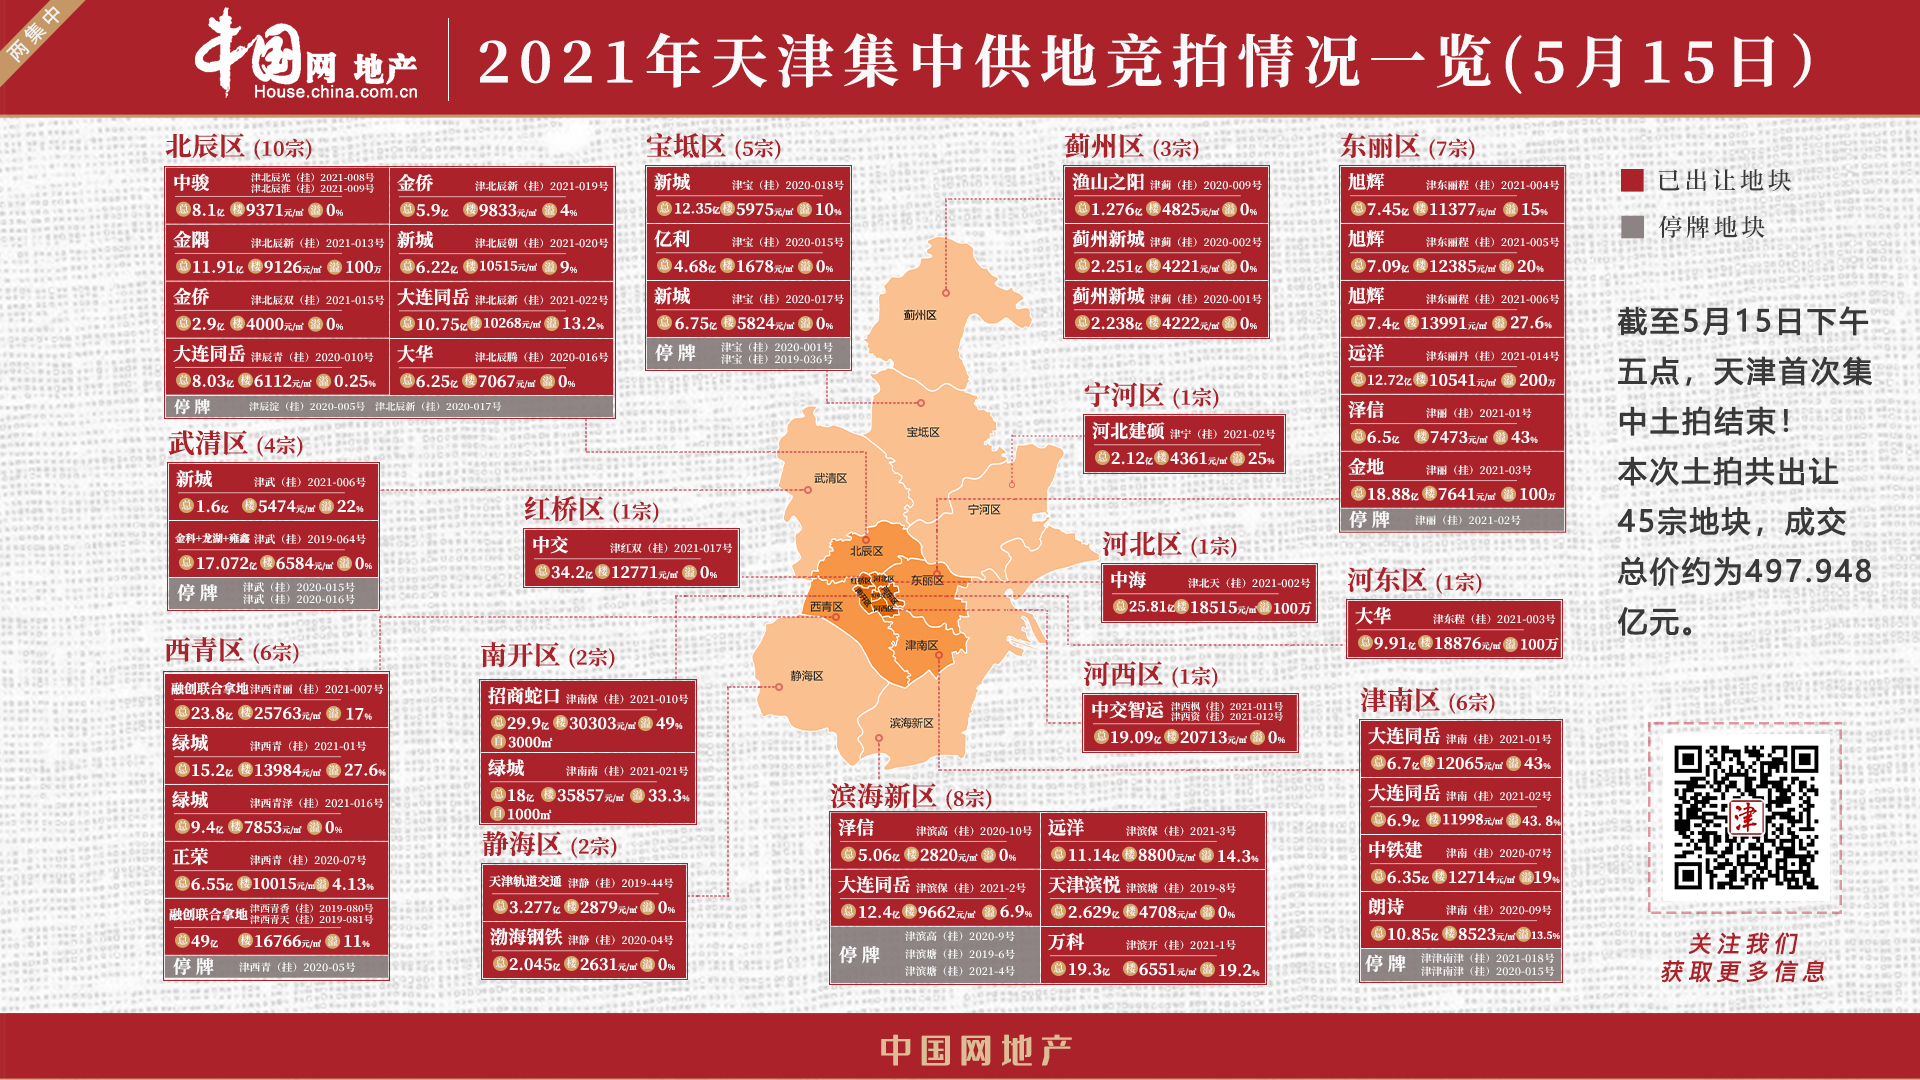 三盘规划率先面世 热门板块项目加速落地中国网地产